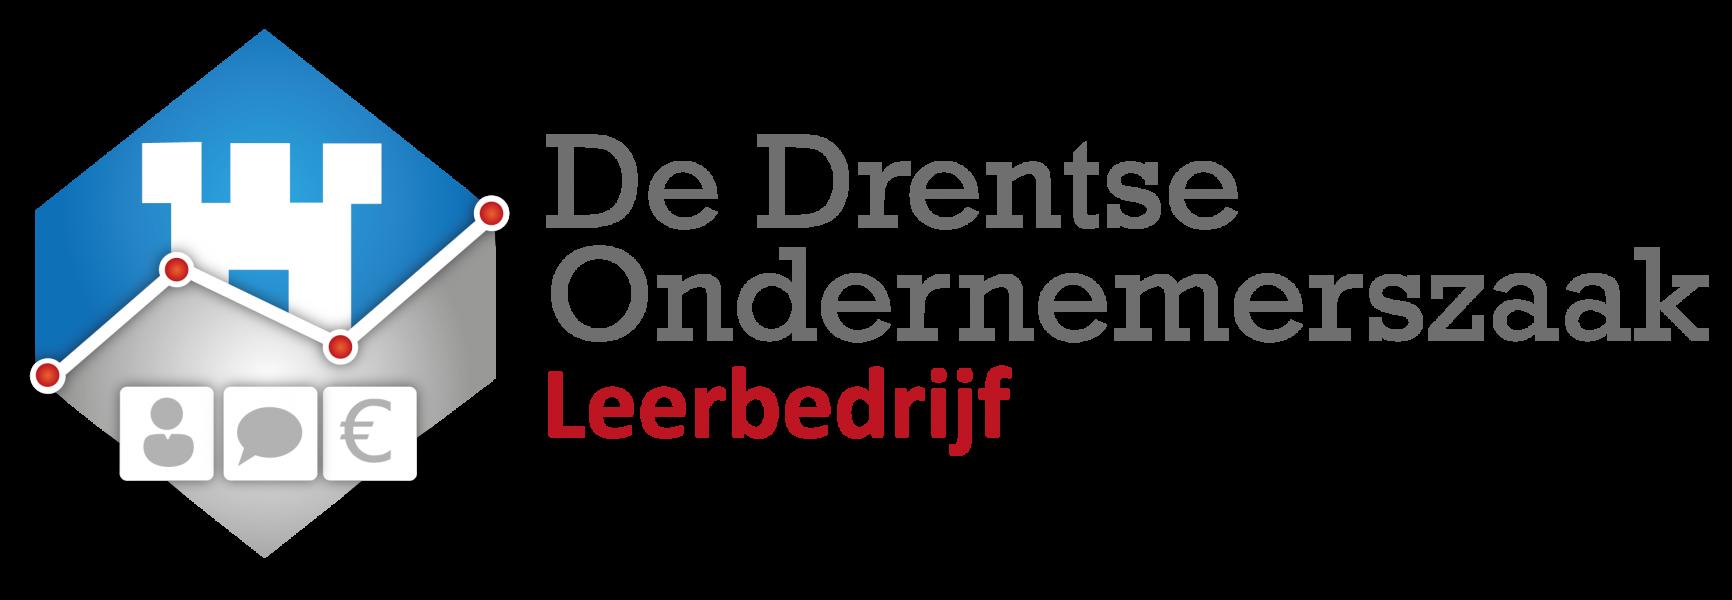 Logo van De Drentse Ondernemerszaak